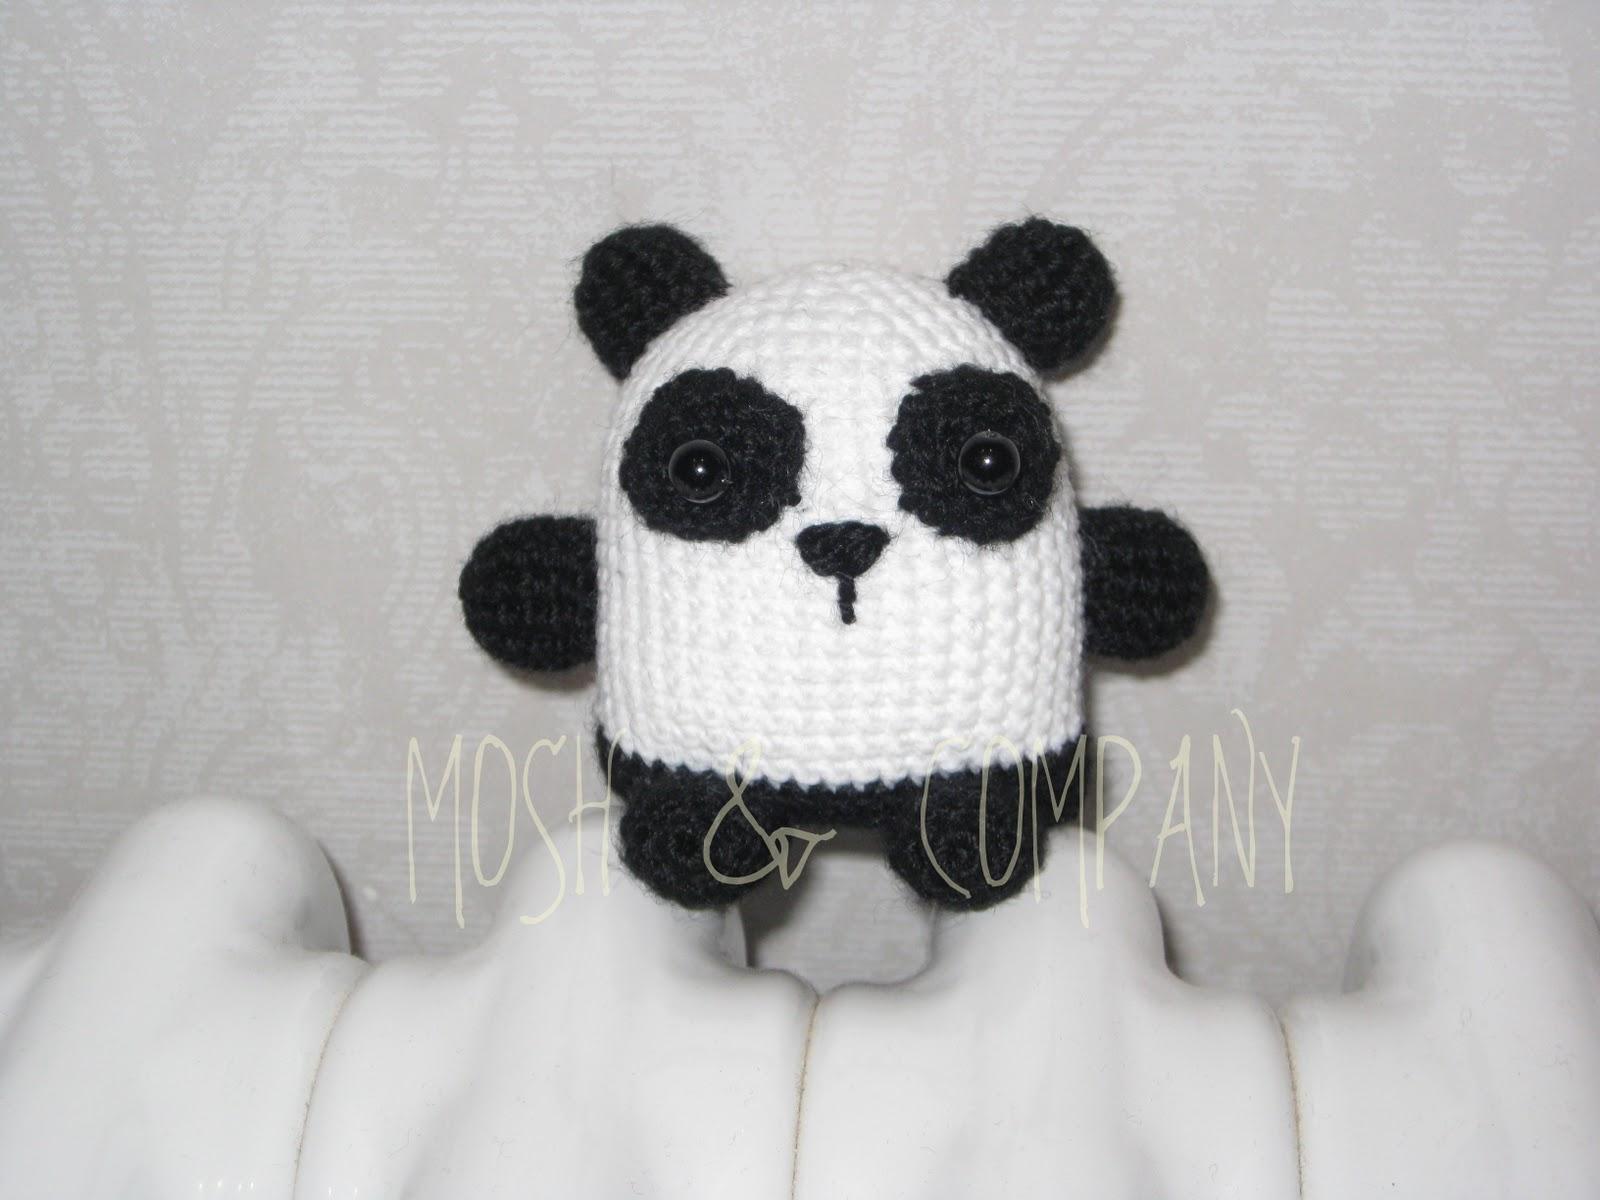 MOSH & COMPANY: Oso panda